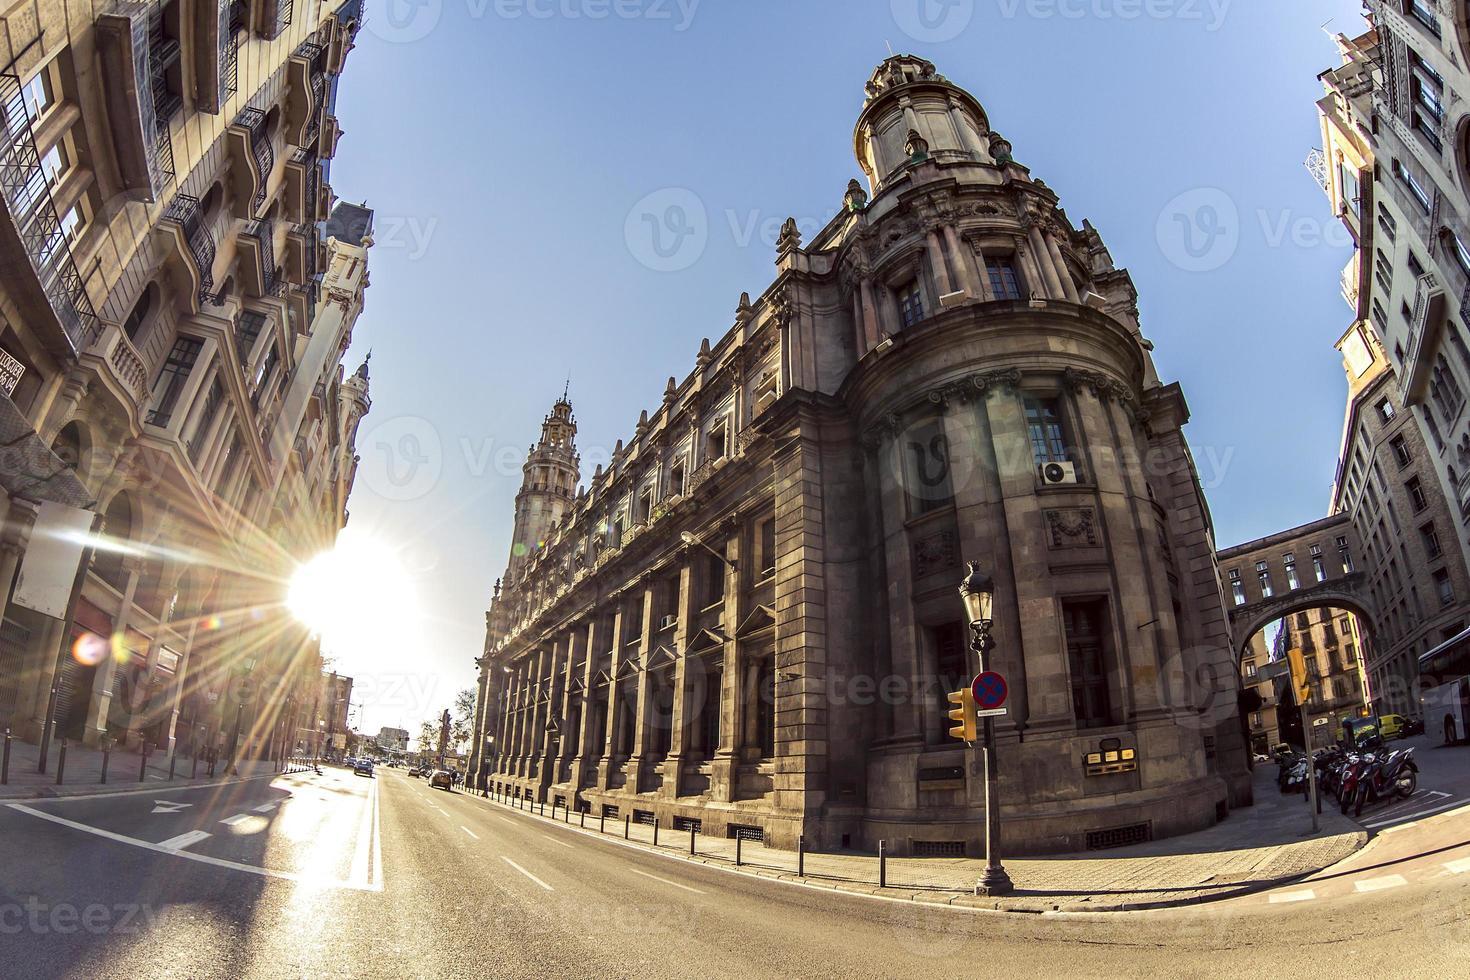 schöne Architekturdetails foto